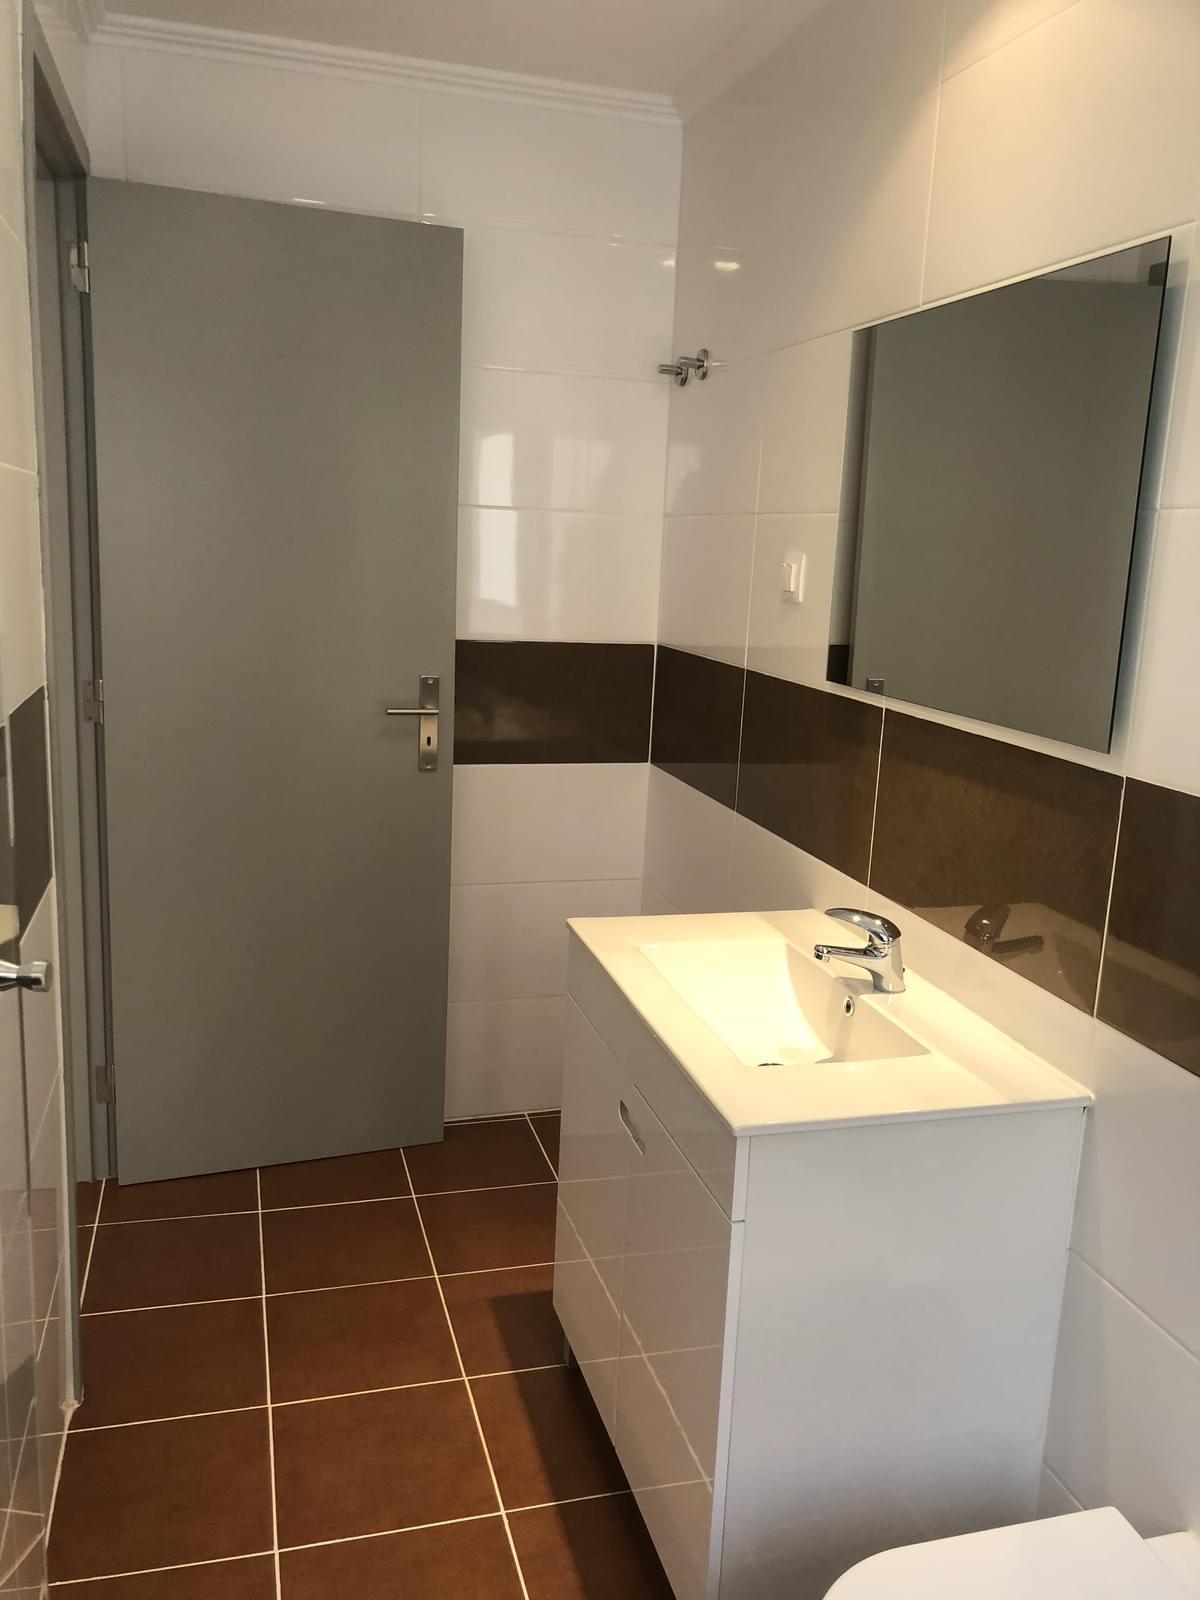 pf17234-apartamento-t3-lisboa-298b6620-8dfc-4812-9cc1-926e14dd94d4